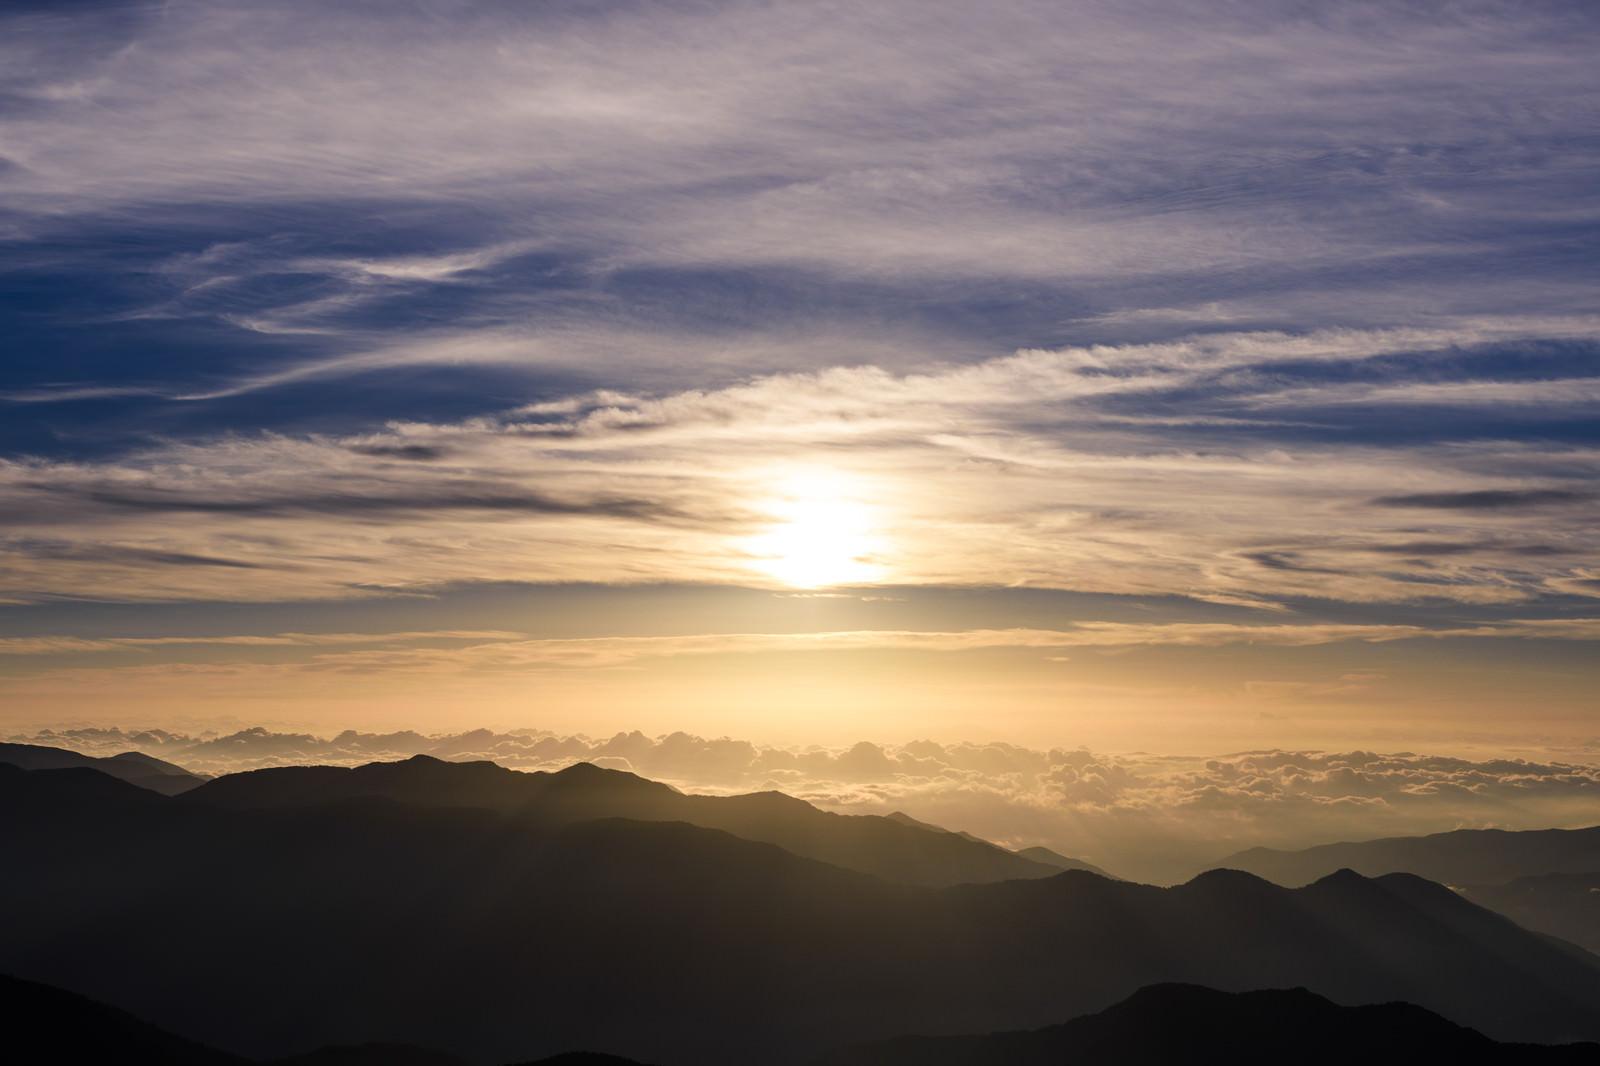 「乗鞍岳金の朝焼け」の写真